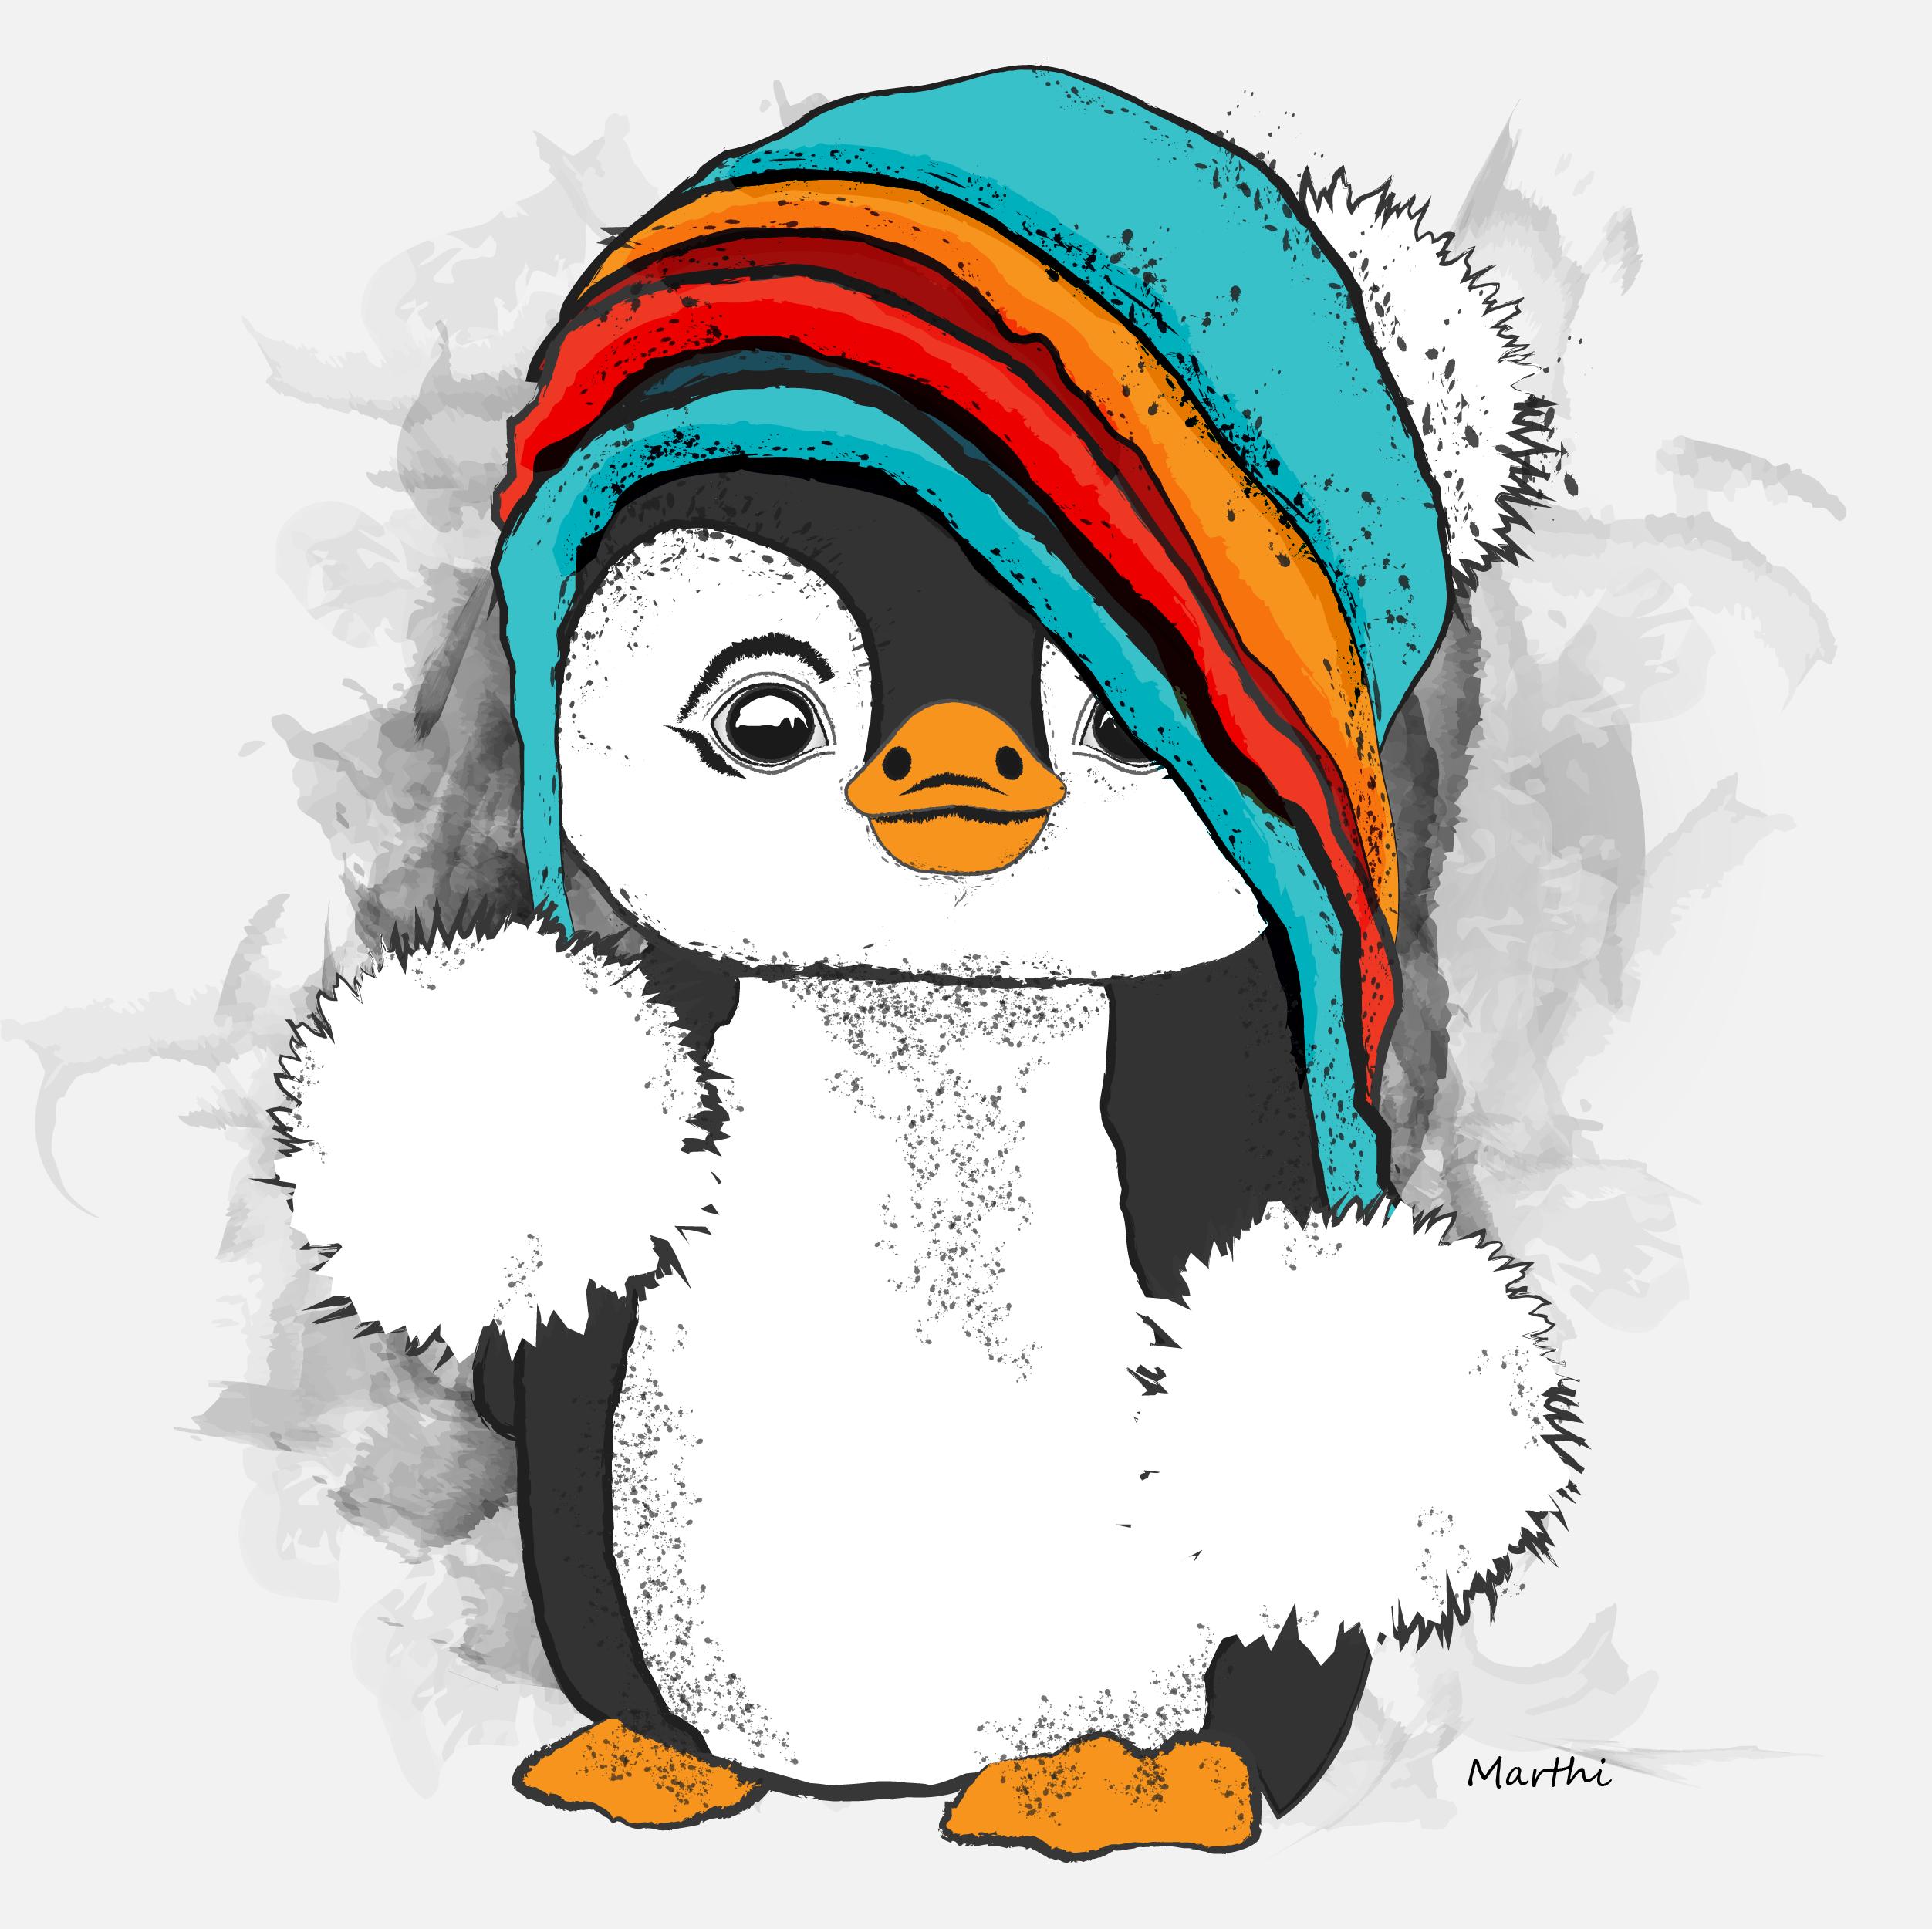 Pinguino (ilustrator CC2018) | Dibujos de pinguinos, Pinguinos animados,  Arte de pingüino